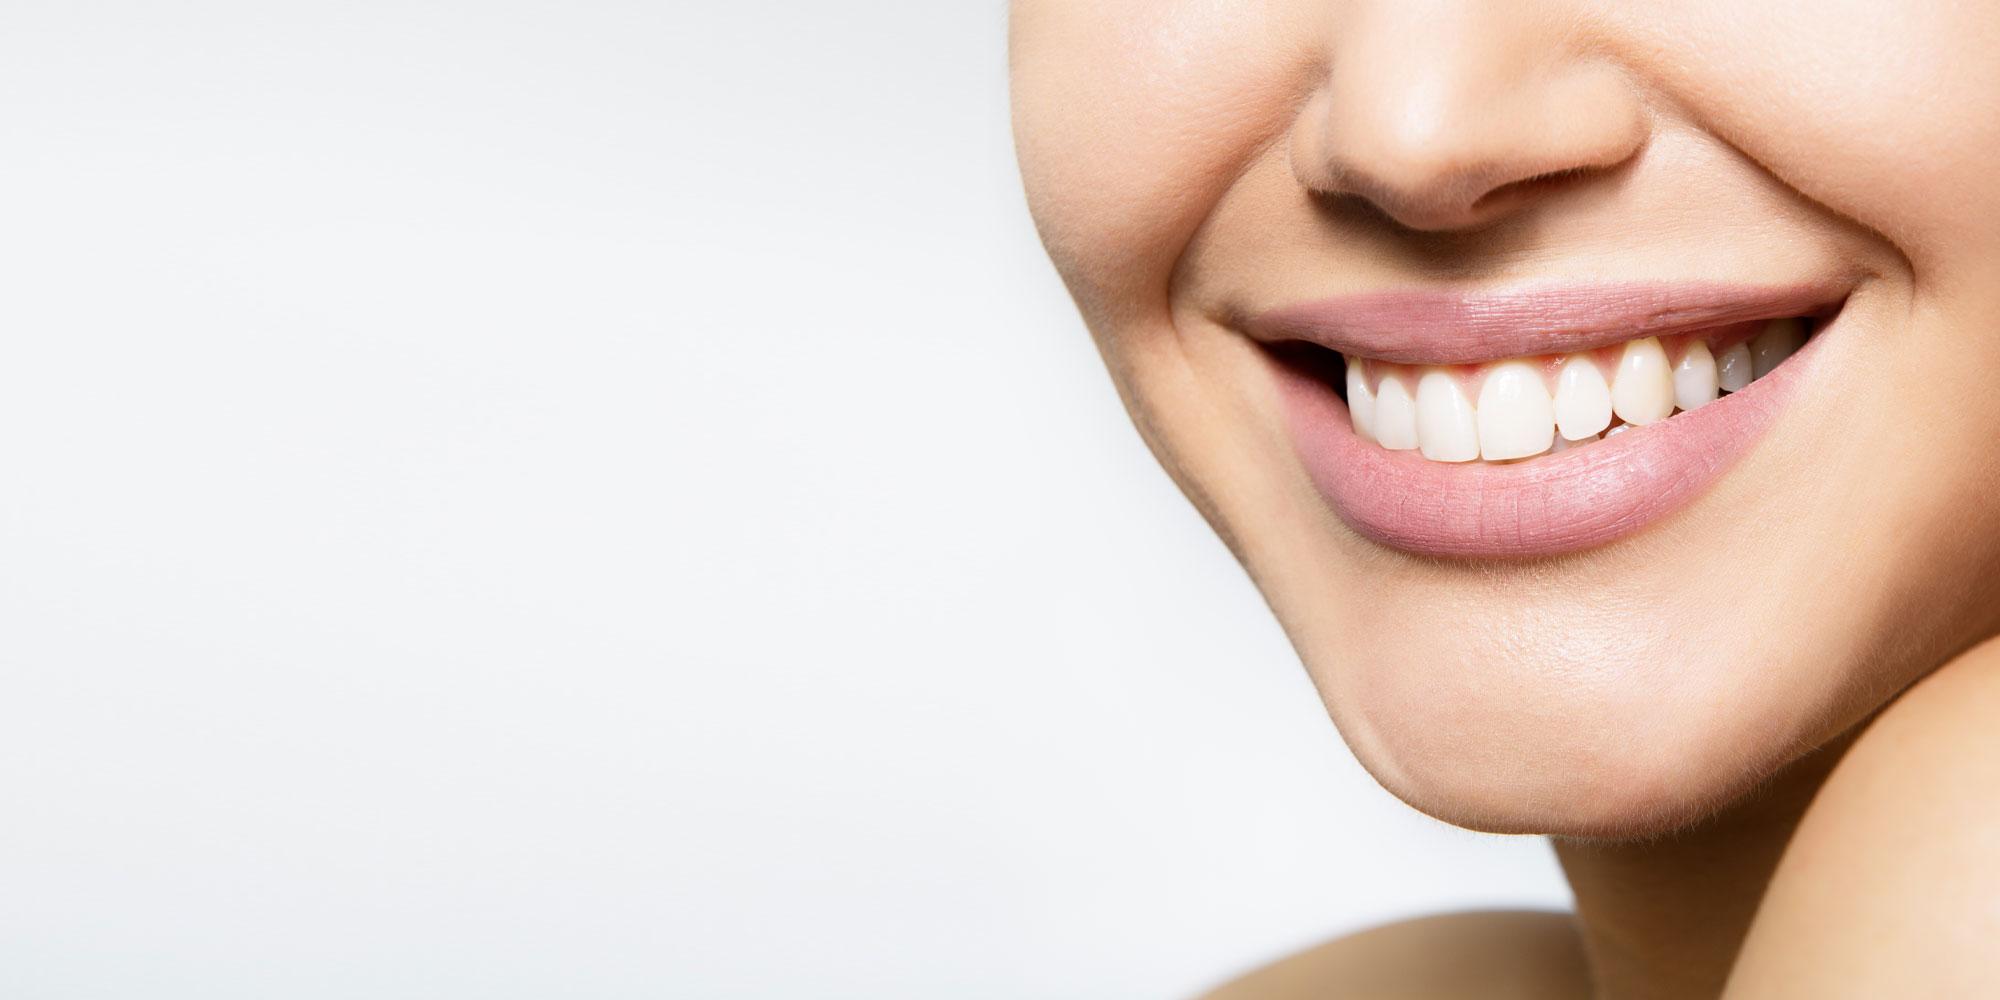 gum grafting patient smiling